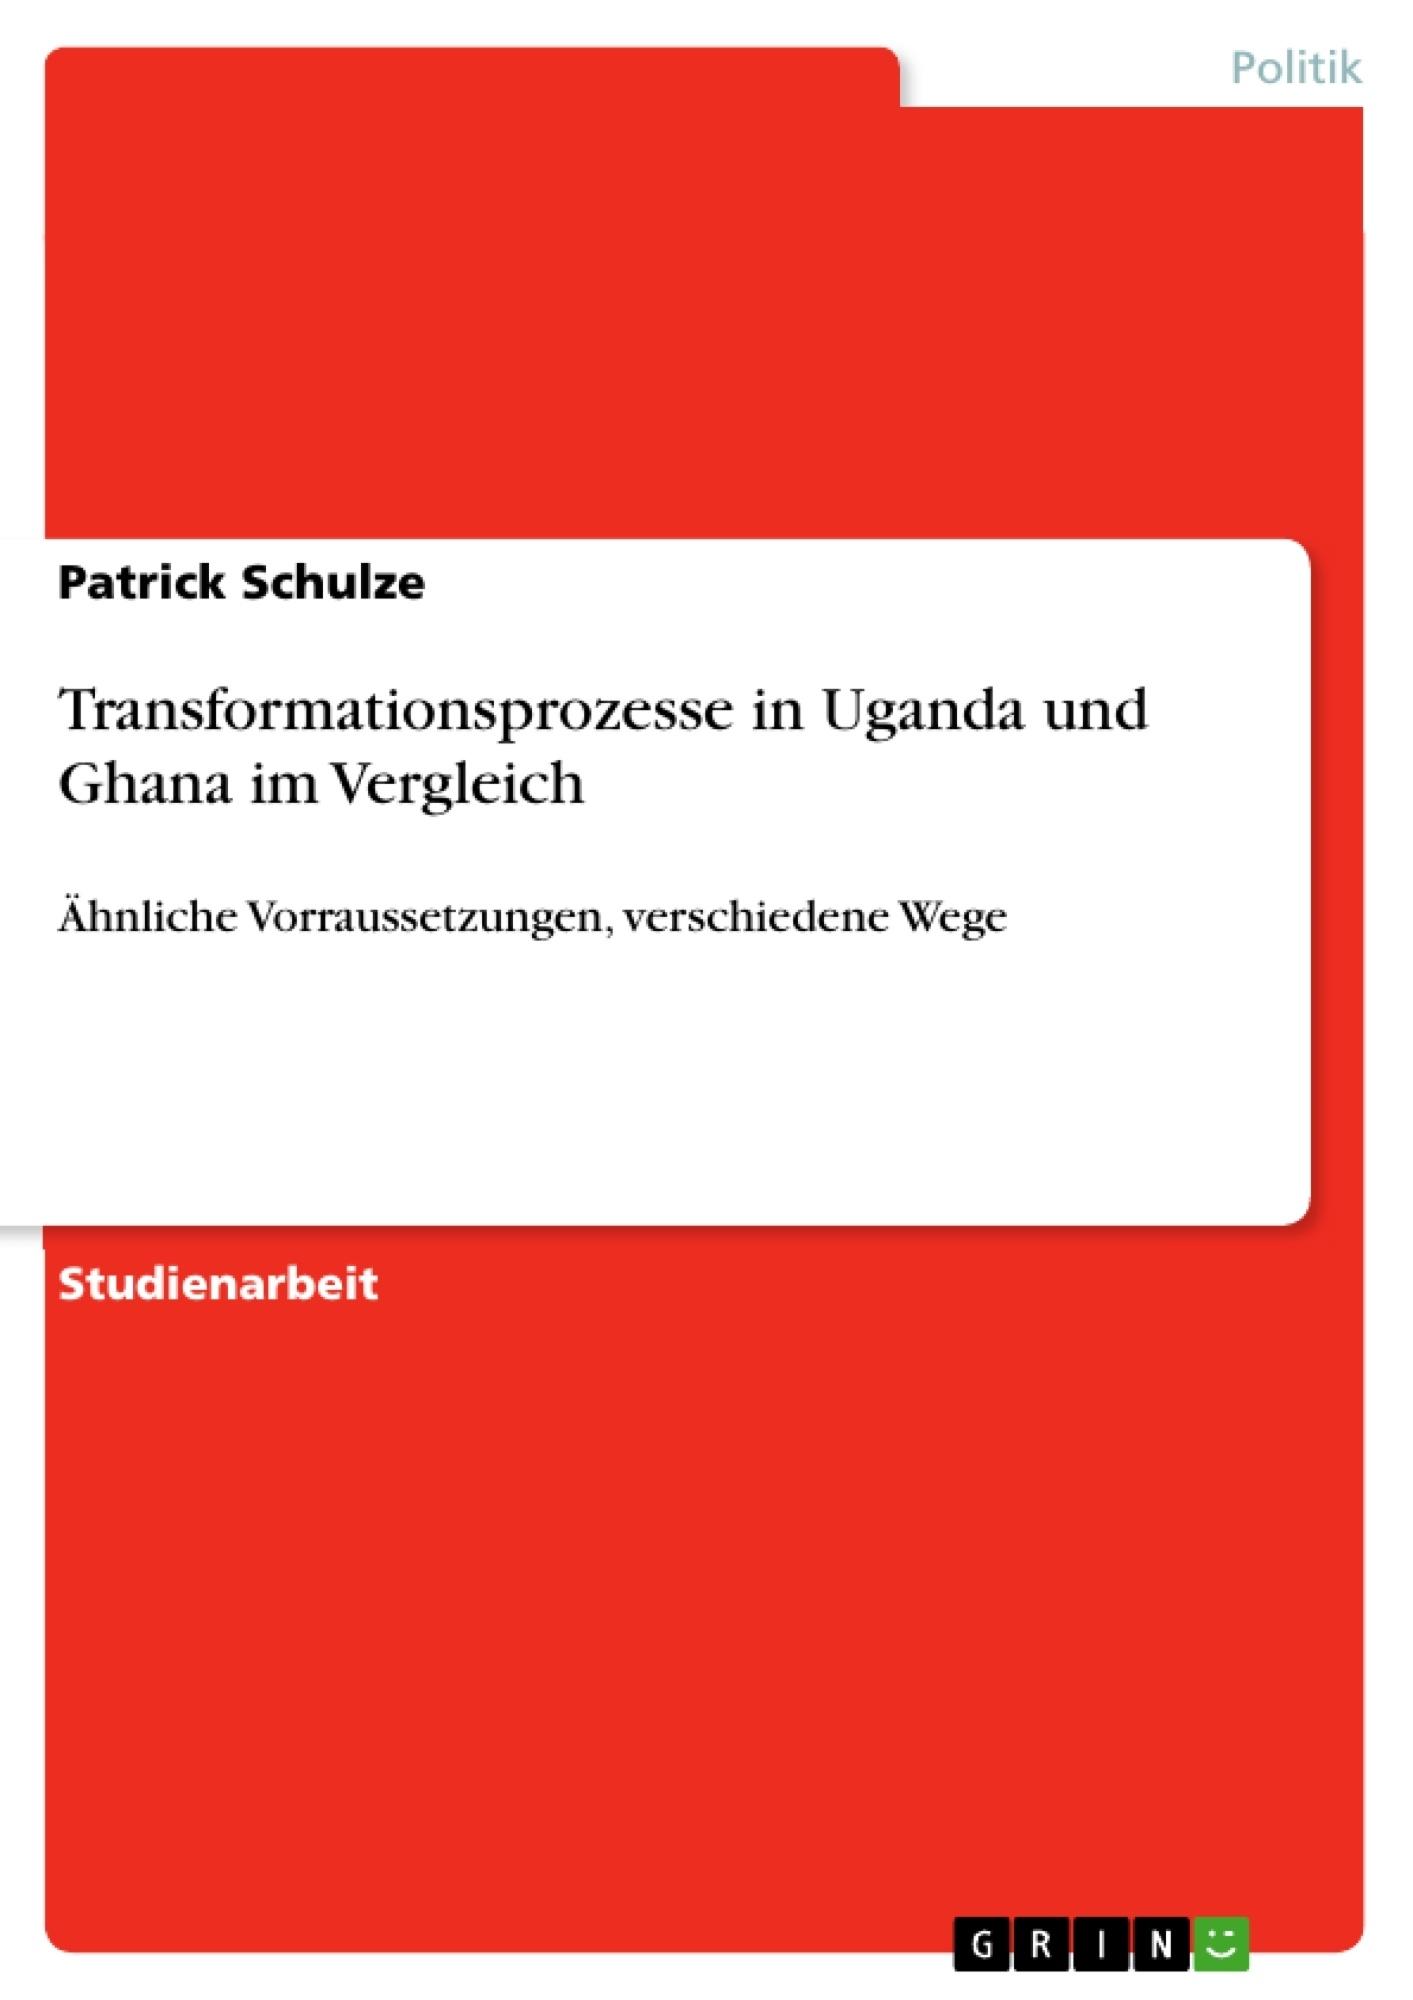 Titel: Transformationsprozesse in Uganda und Ghana im Vergleich